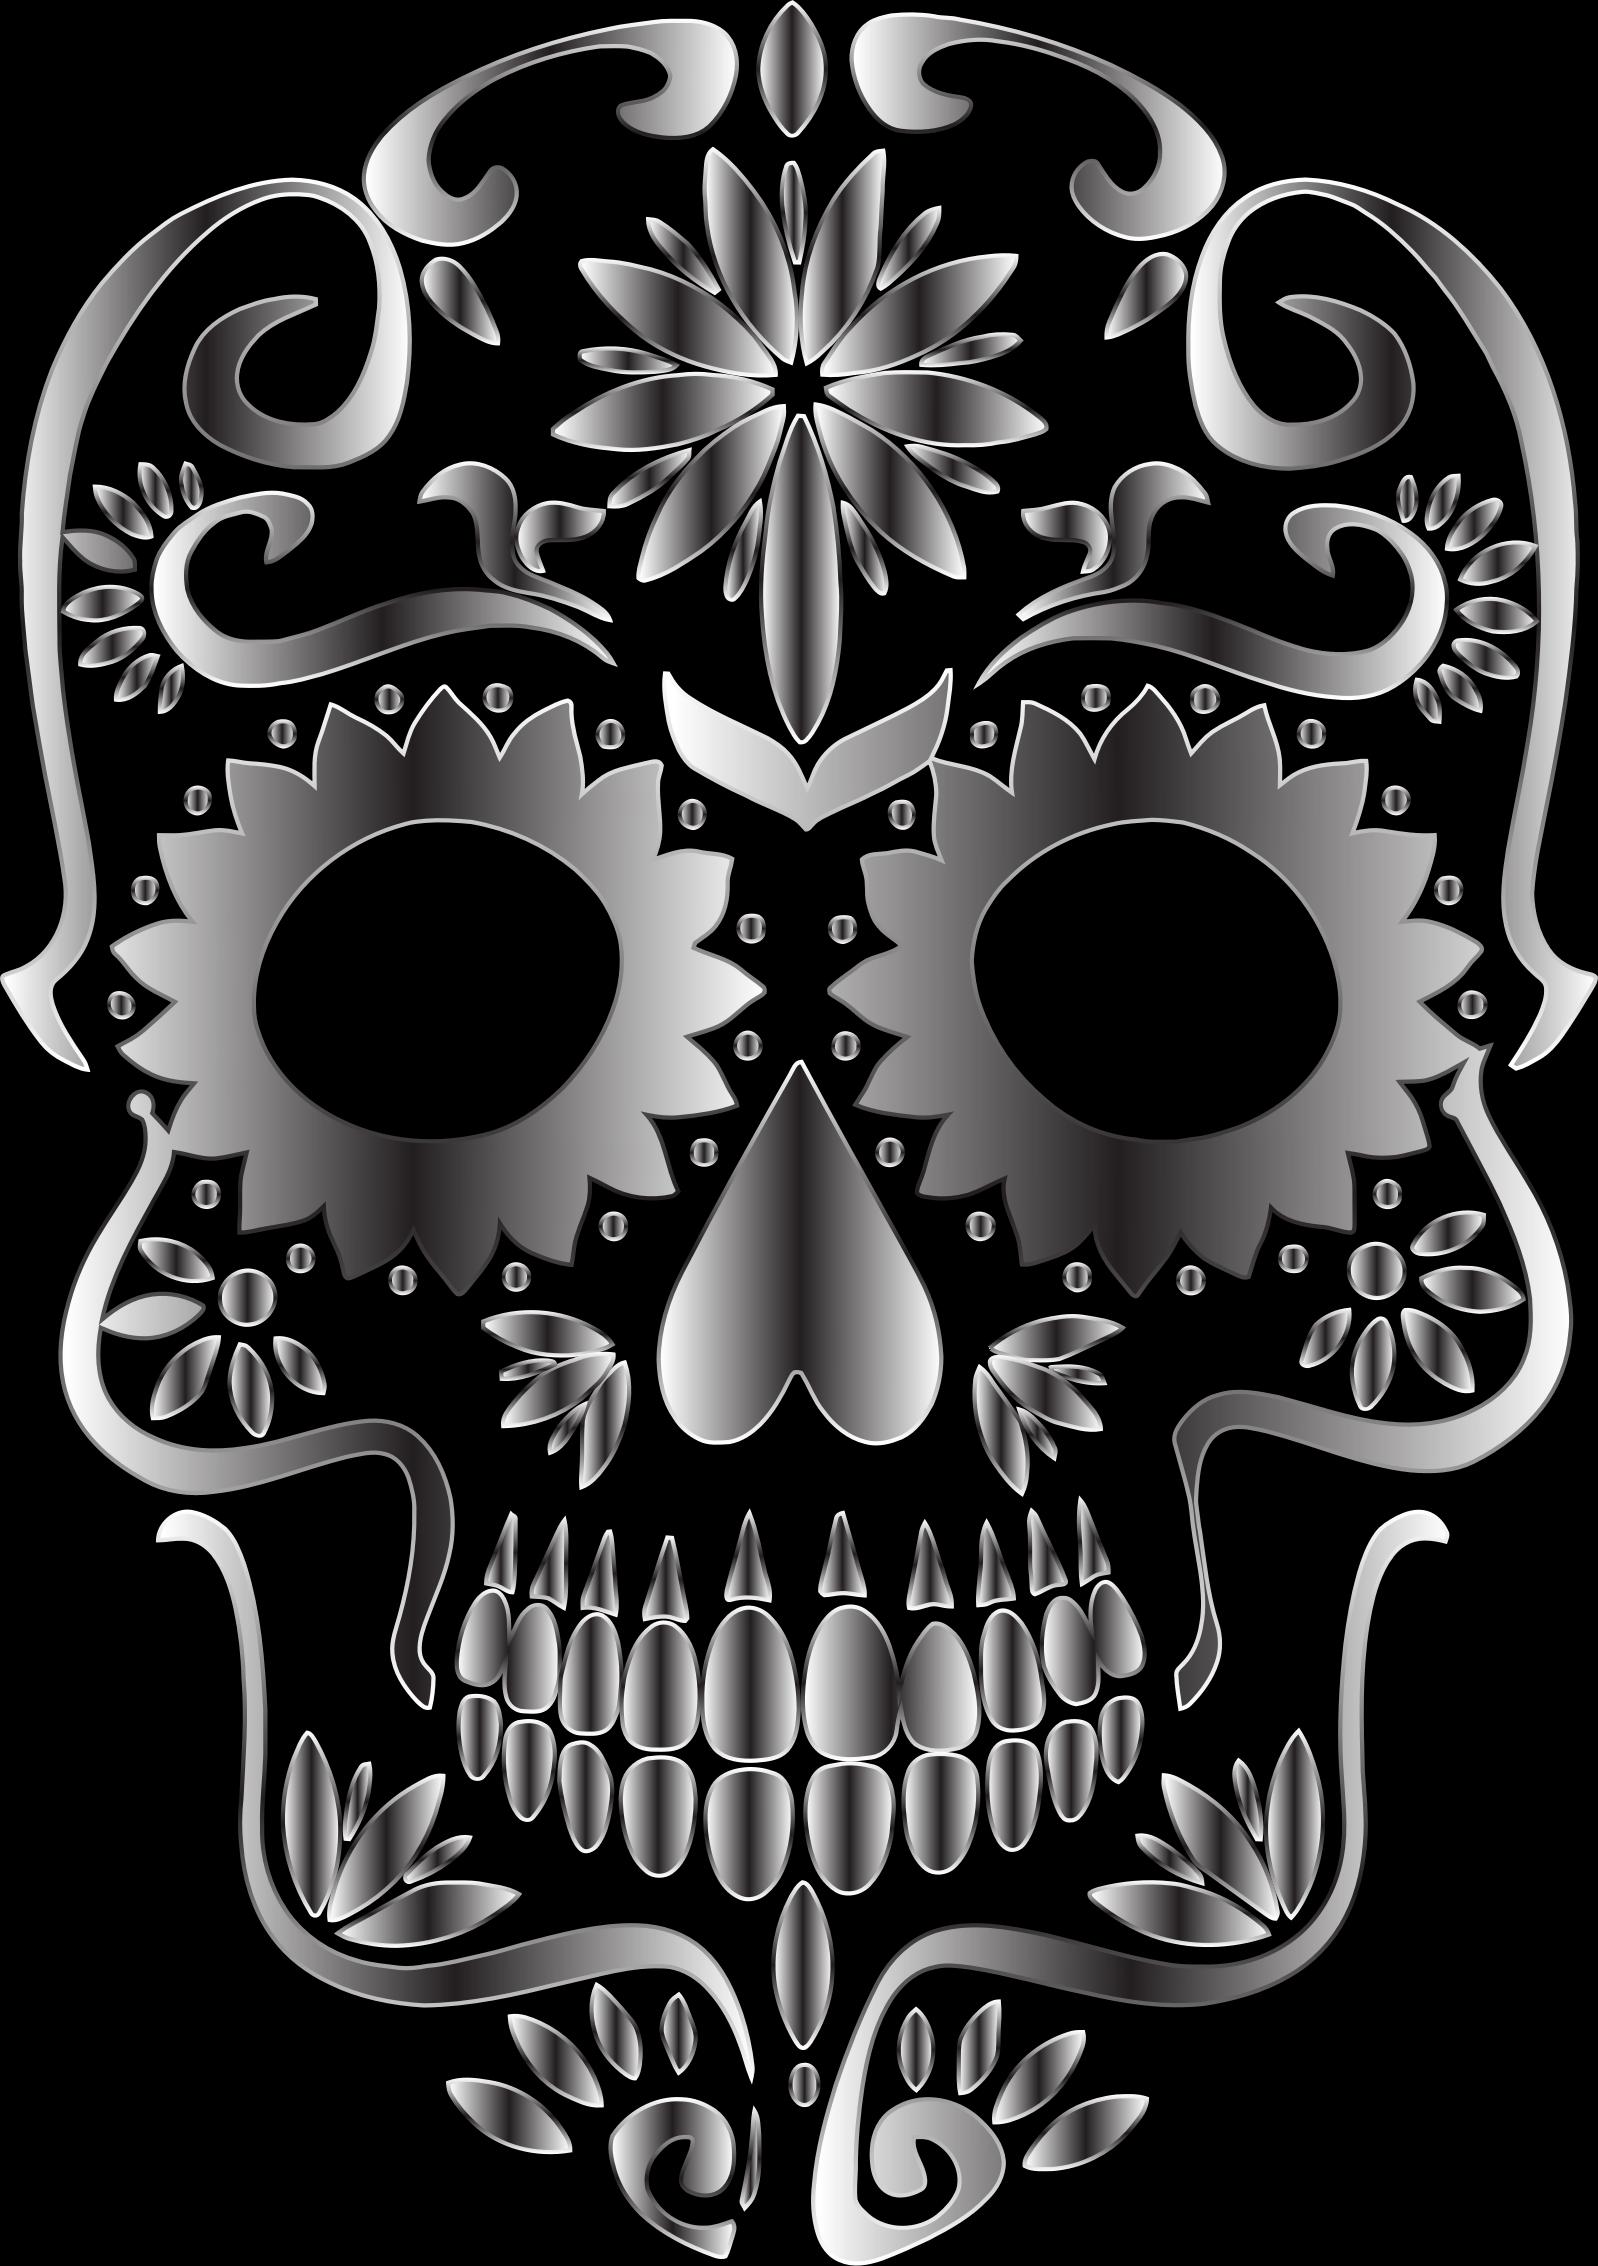 clipart library stock Monochrome silhouette no background. Sugar skull clipart